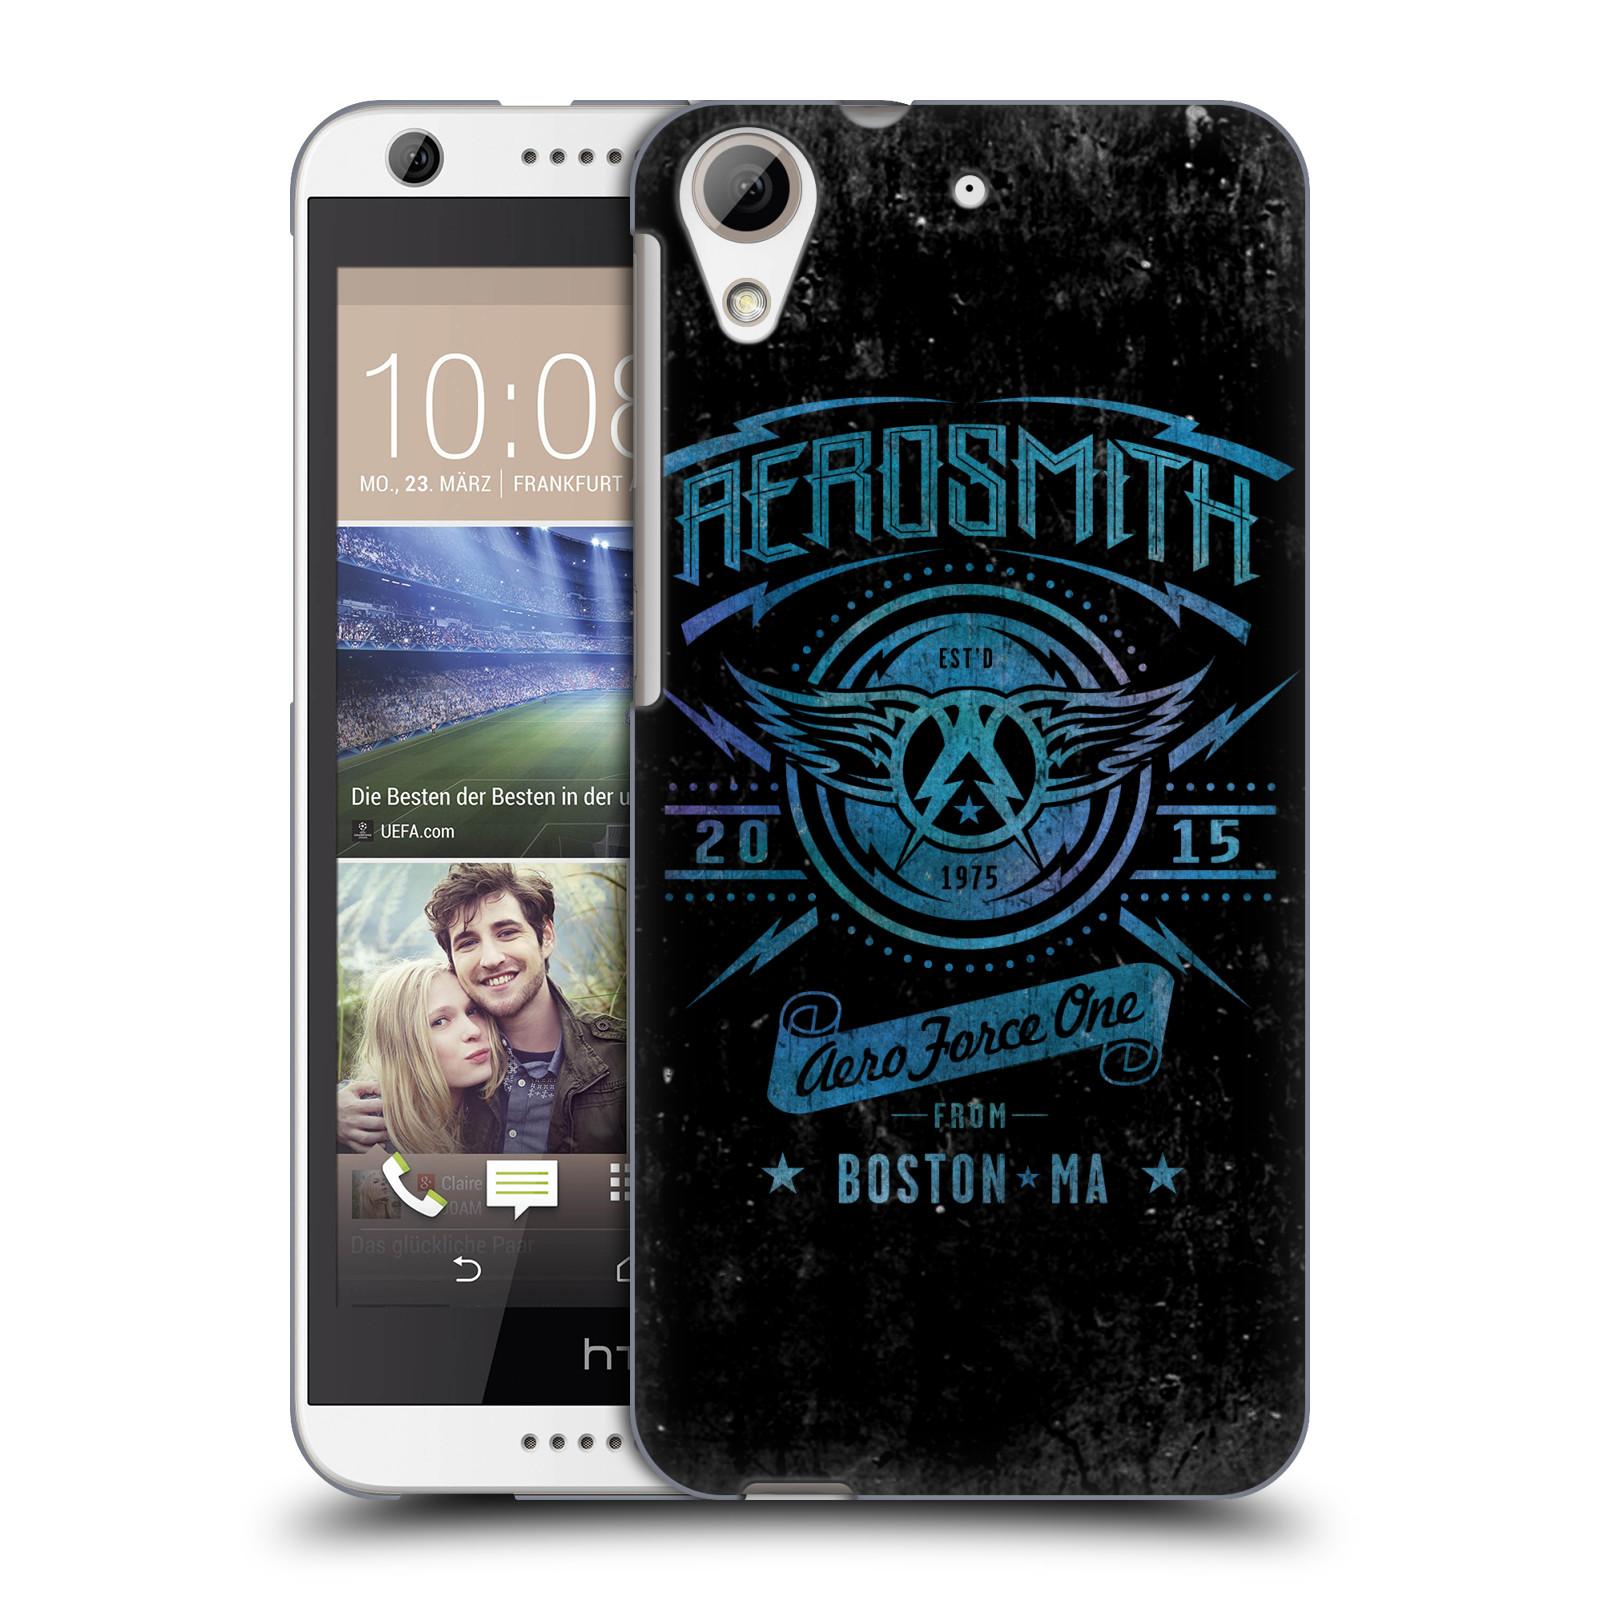 Plastové pouzdro na mobil HTC Desire 626 / 626G HEAD CASE - Aerosmith - Aero Force One